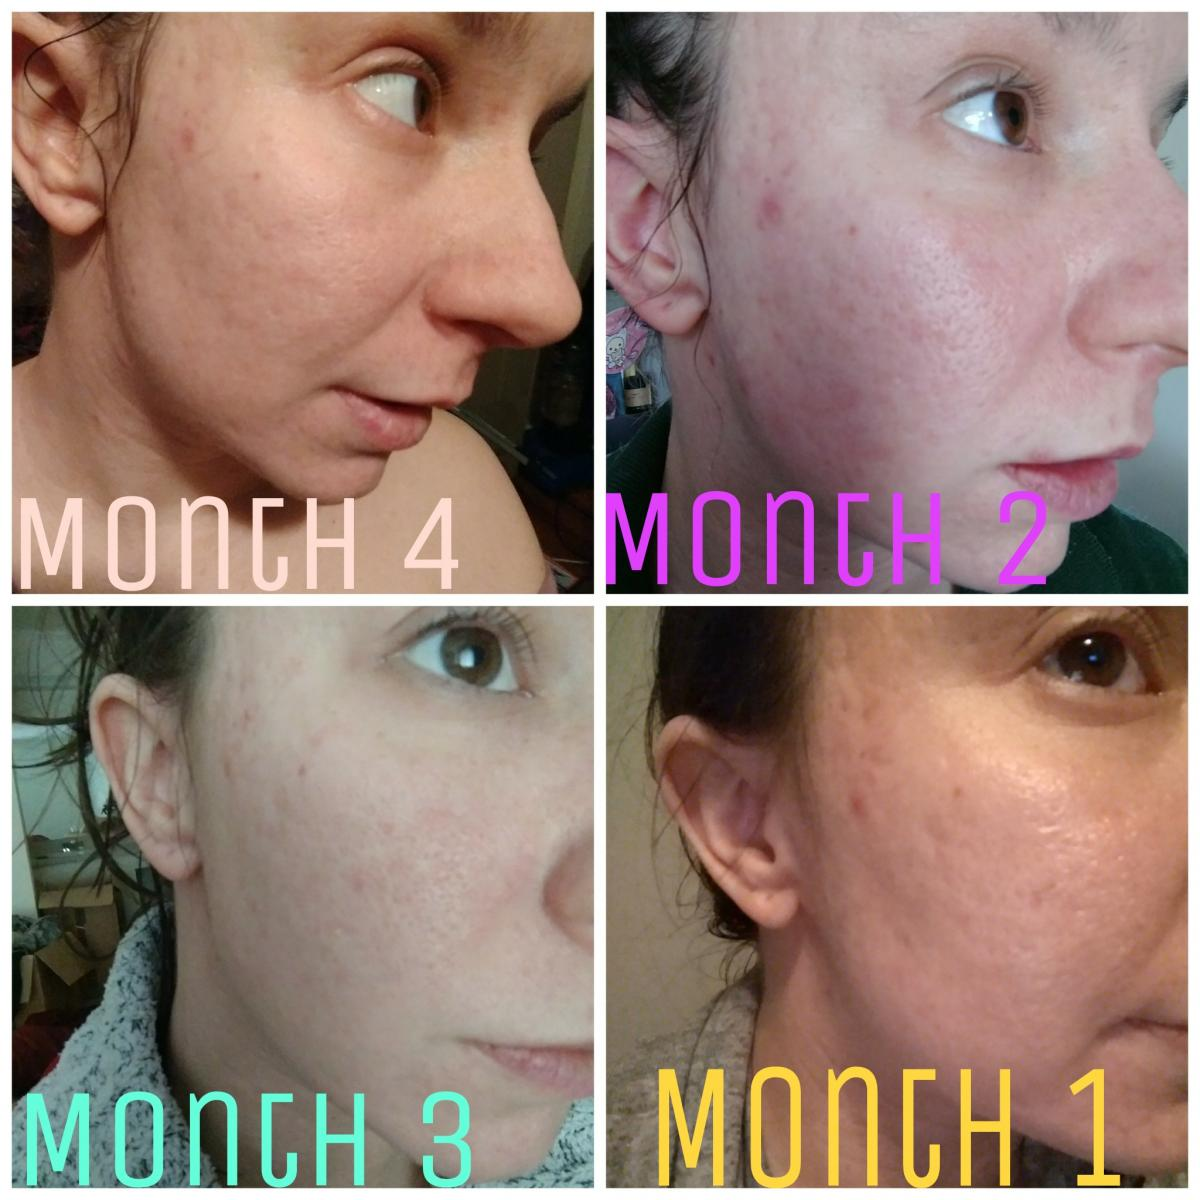 First 4 months